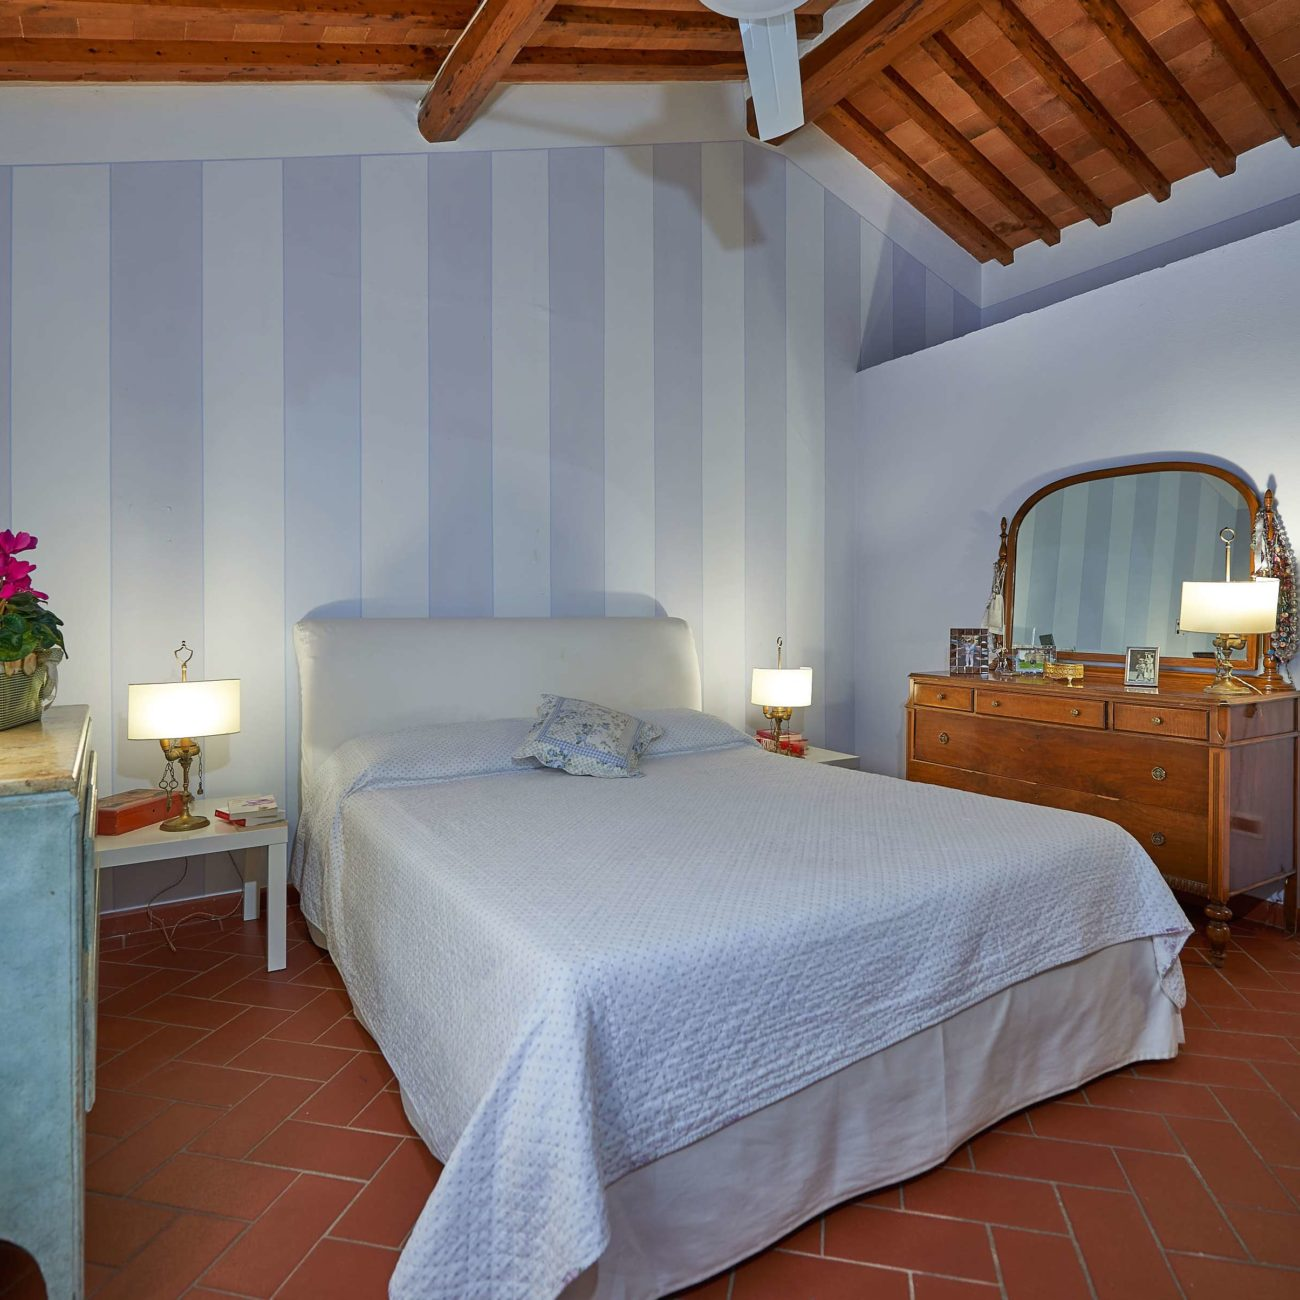 fotografo-country-resort-carlo-tognozzi-moreni-